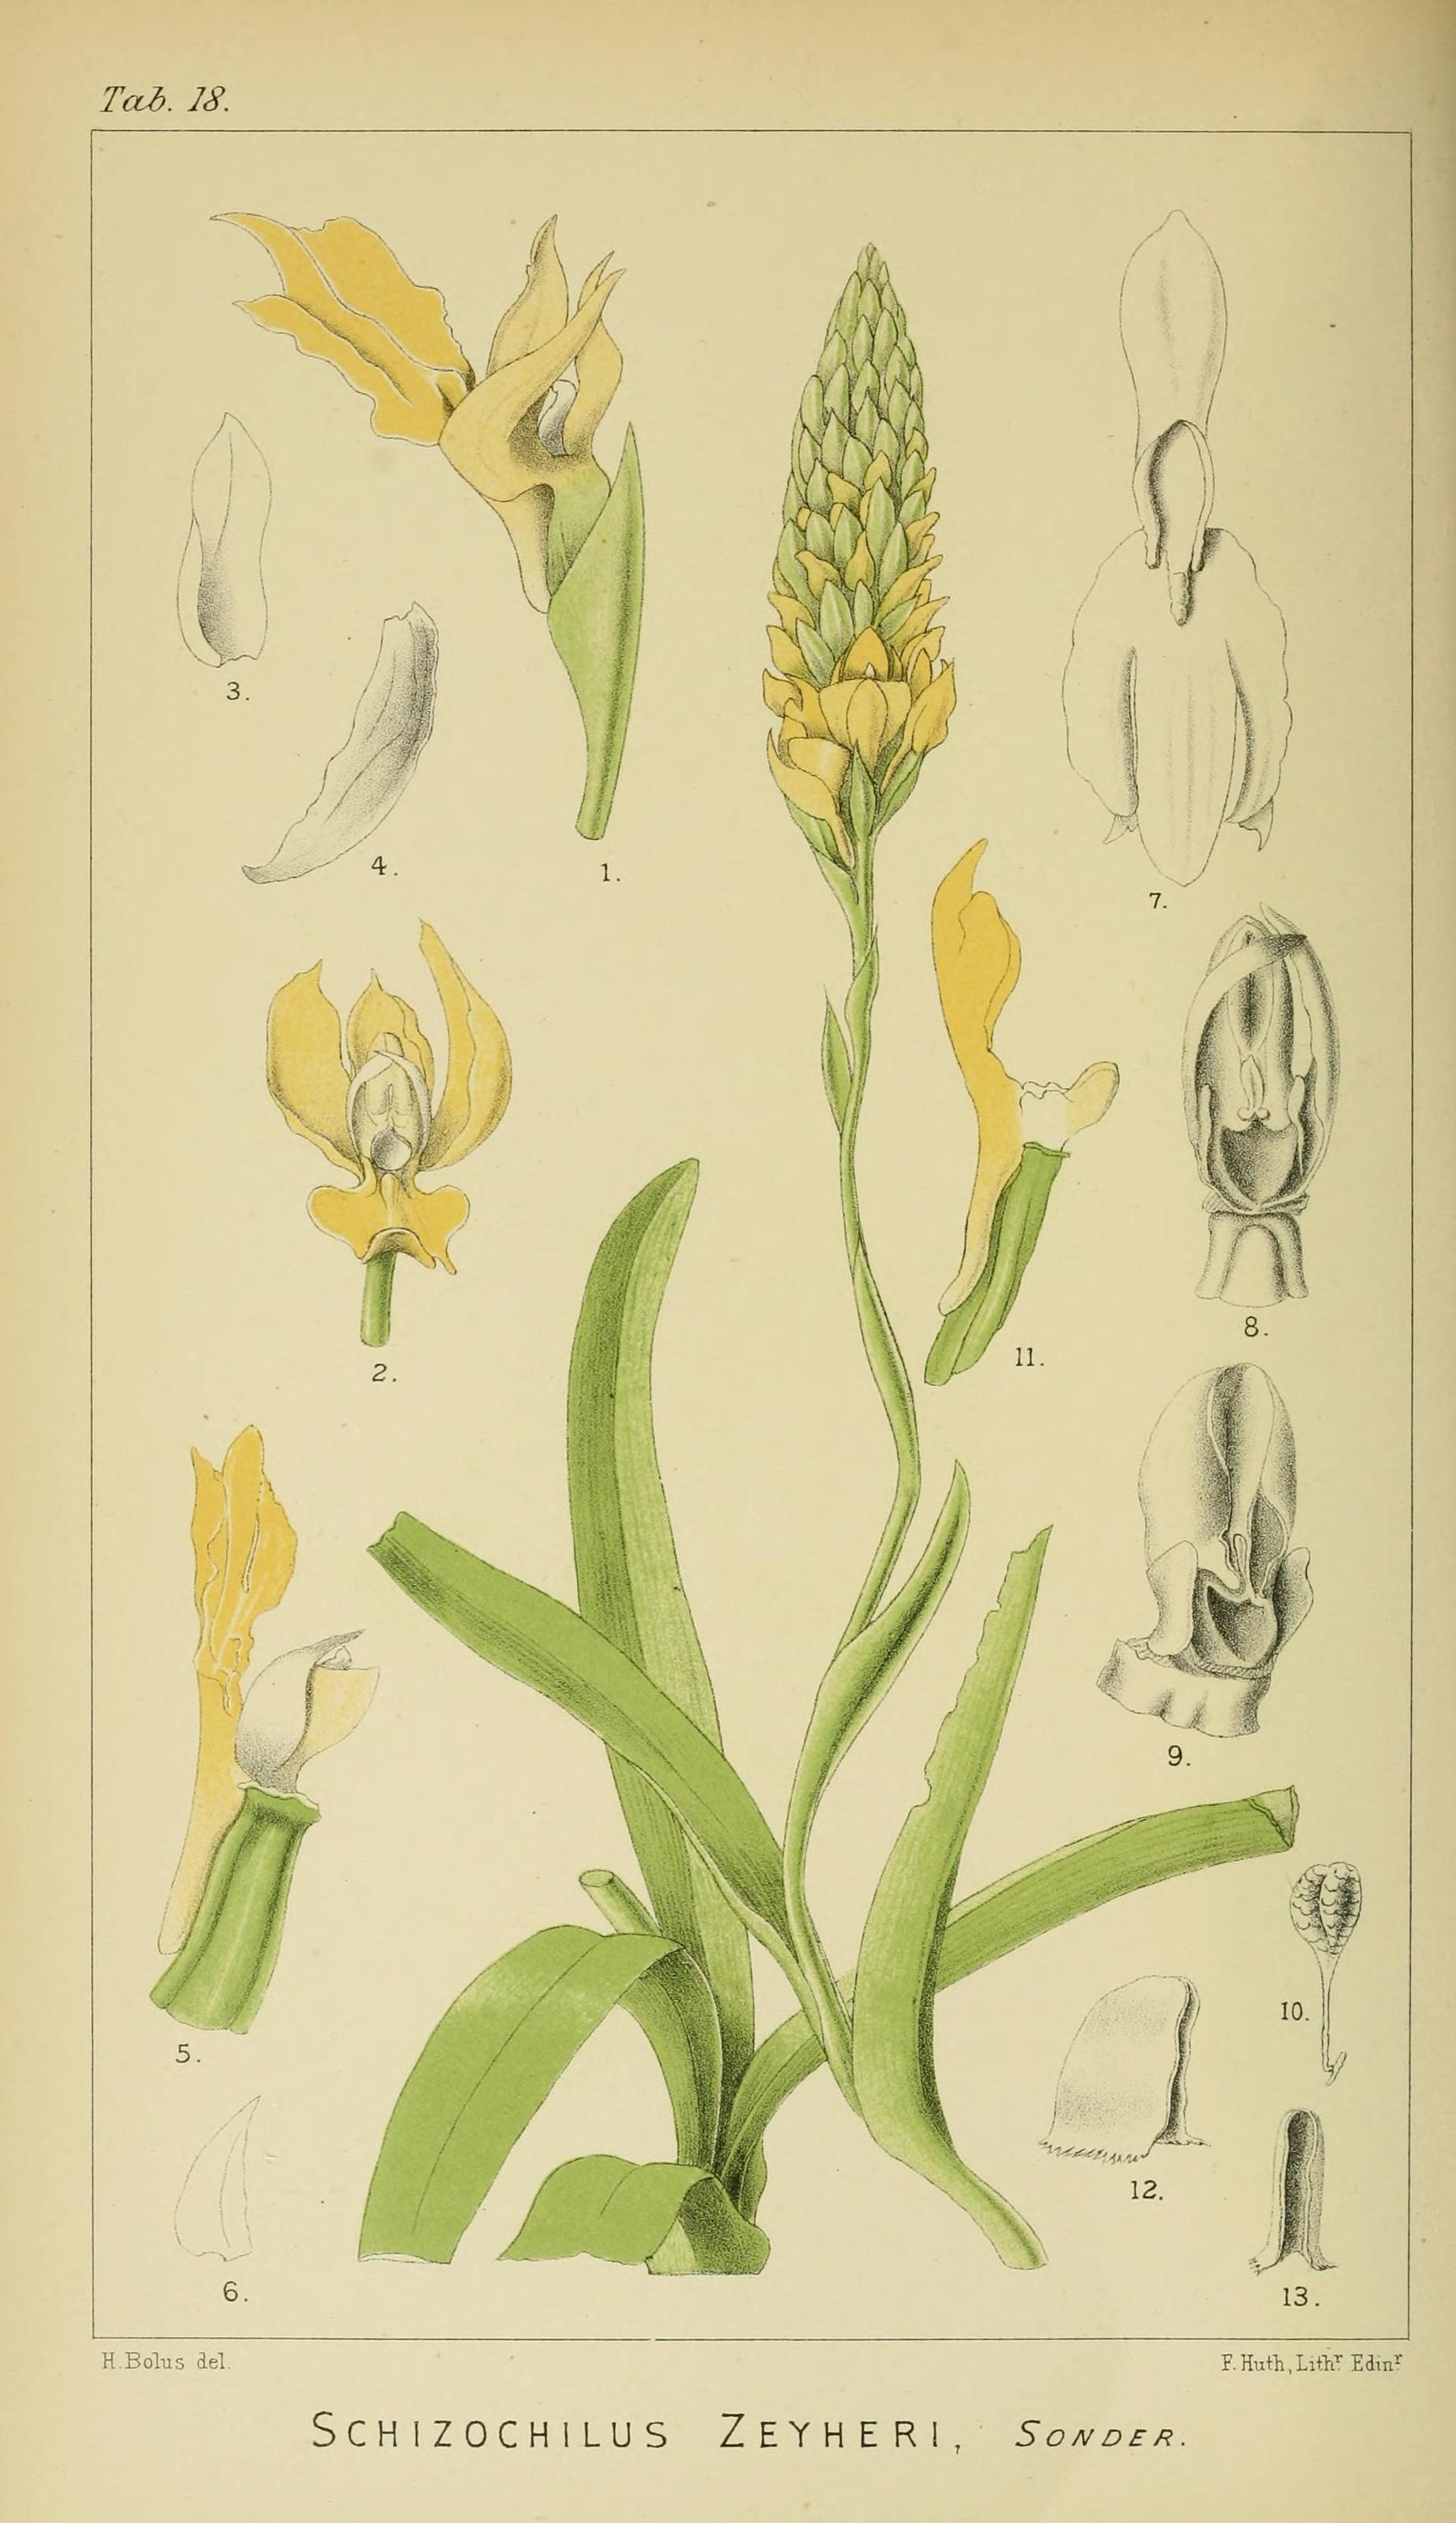 Image of Schizochilus